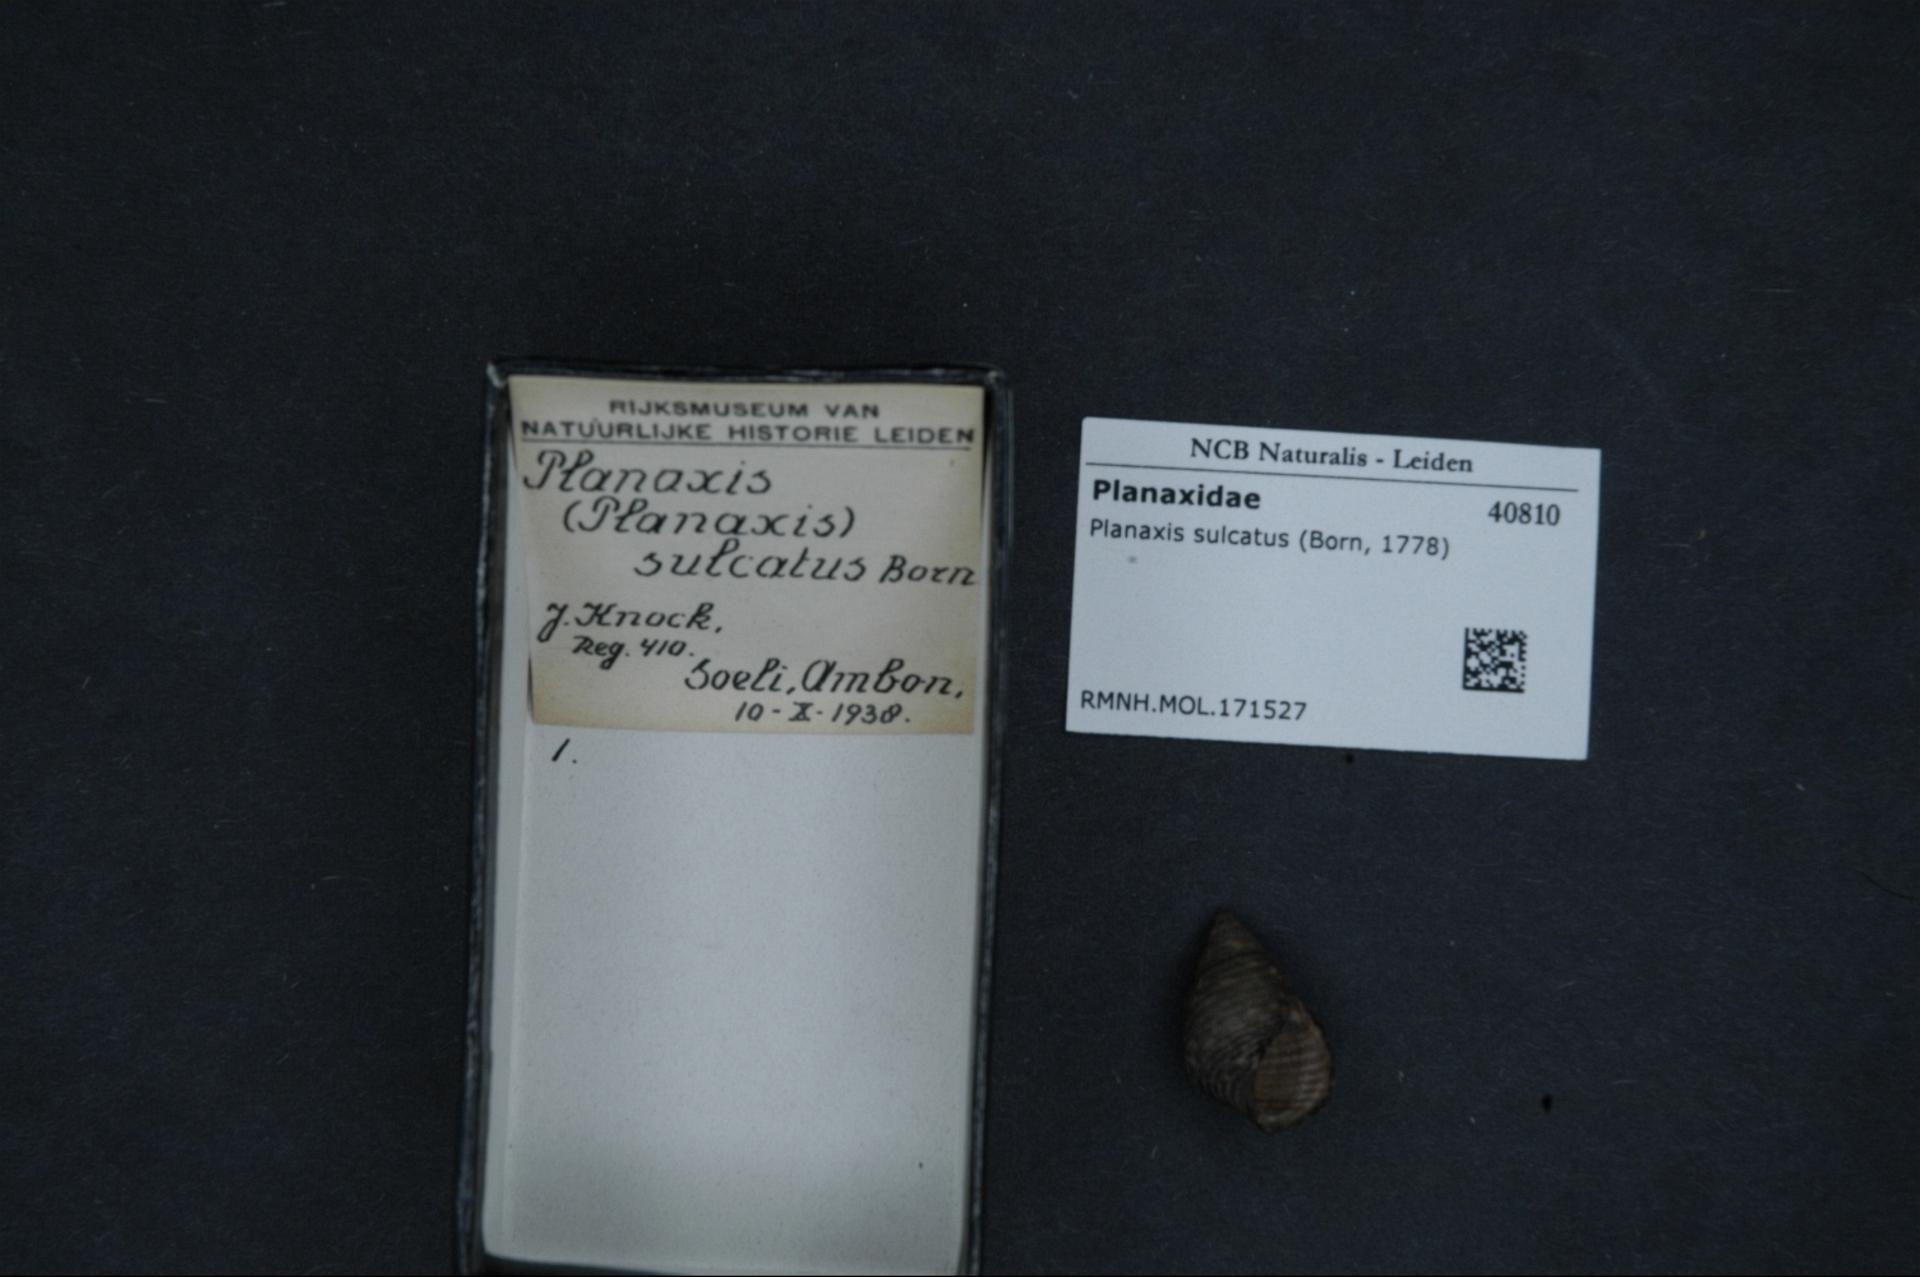 RMNH.MOL.171527 | Planaxis sulcatus Von Born, 1778